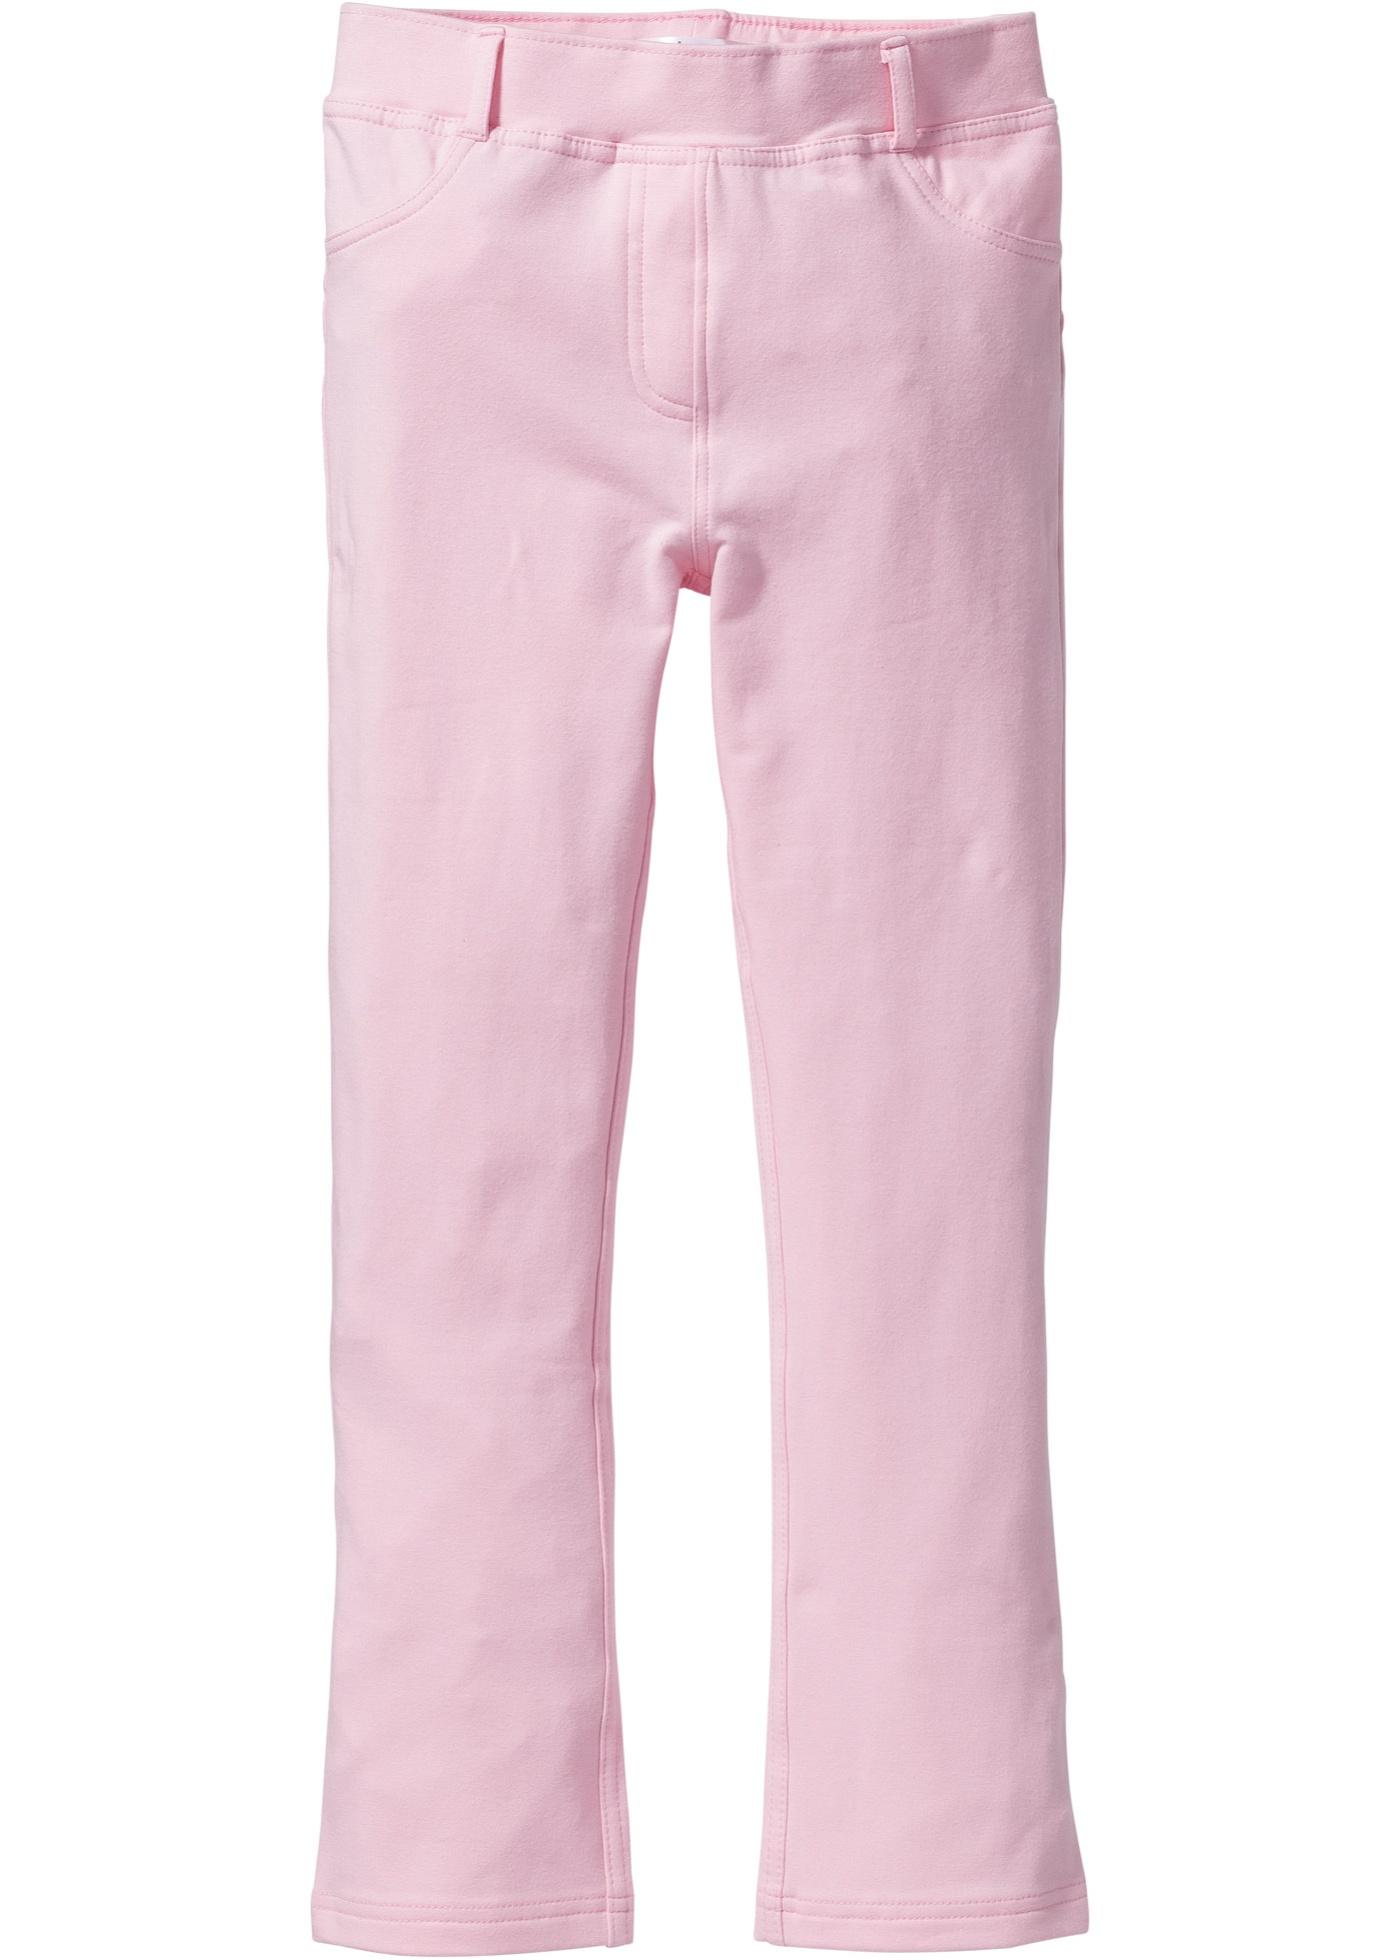 Pantalone elasticizzato b